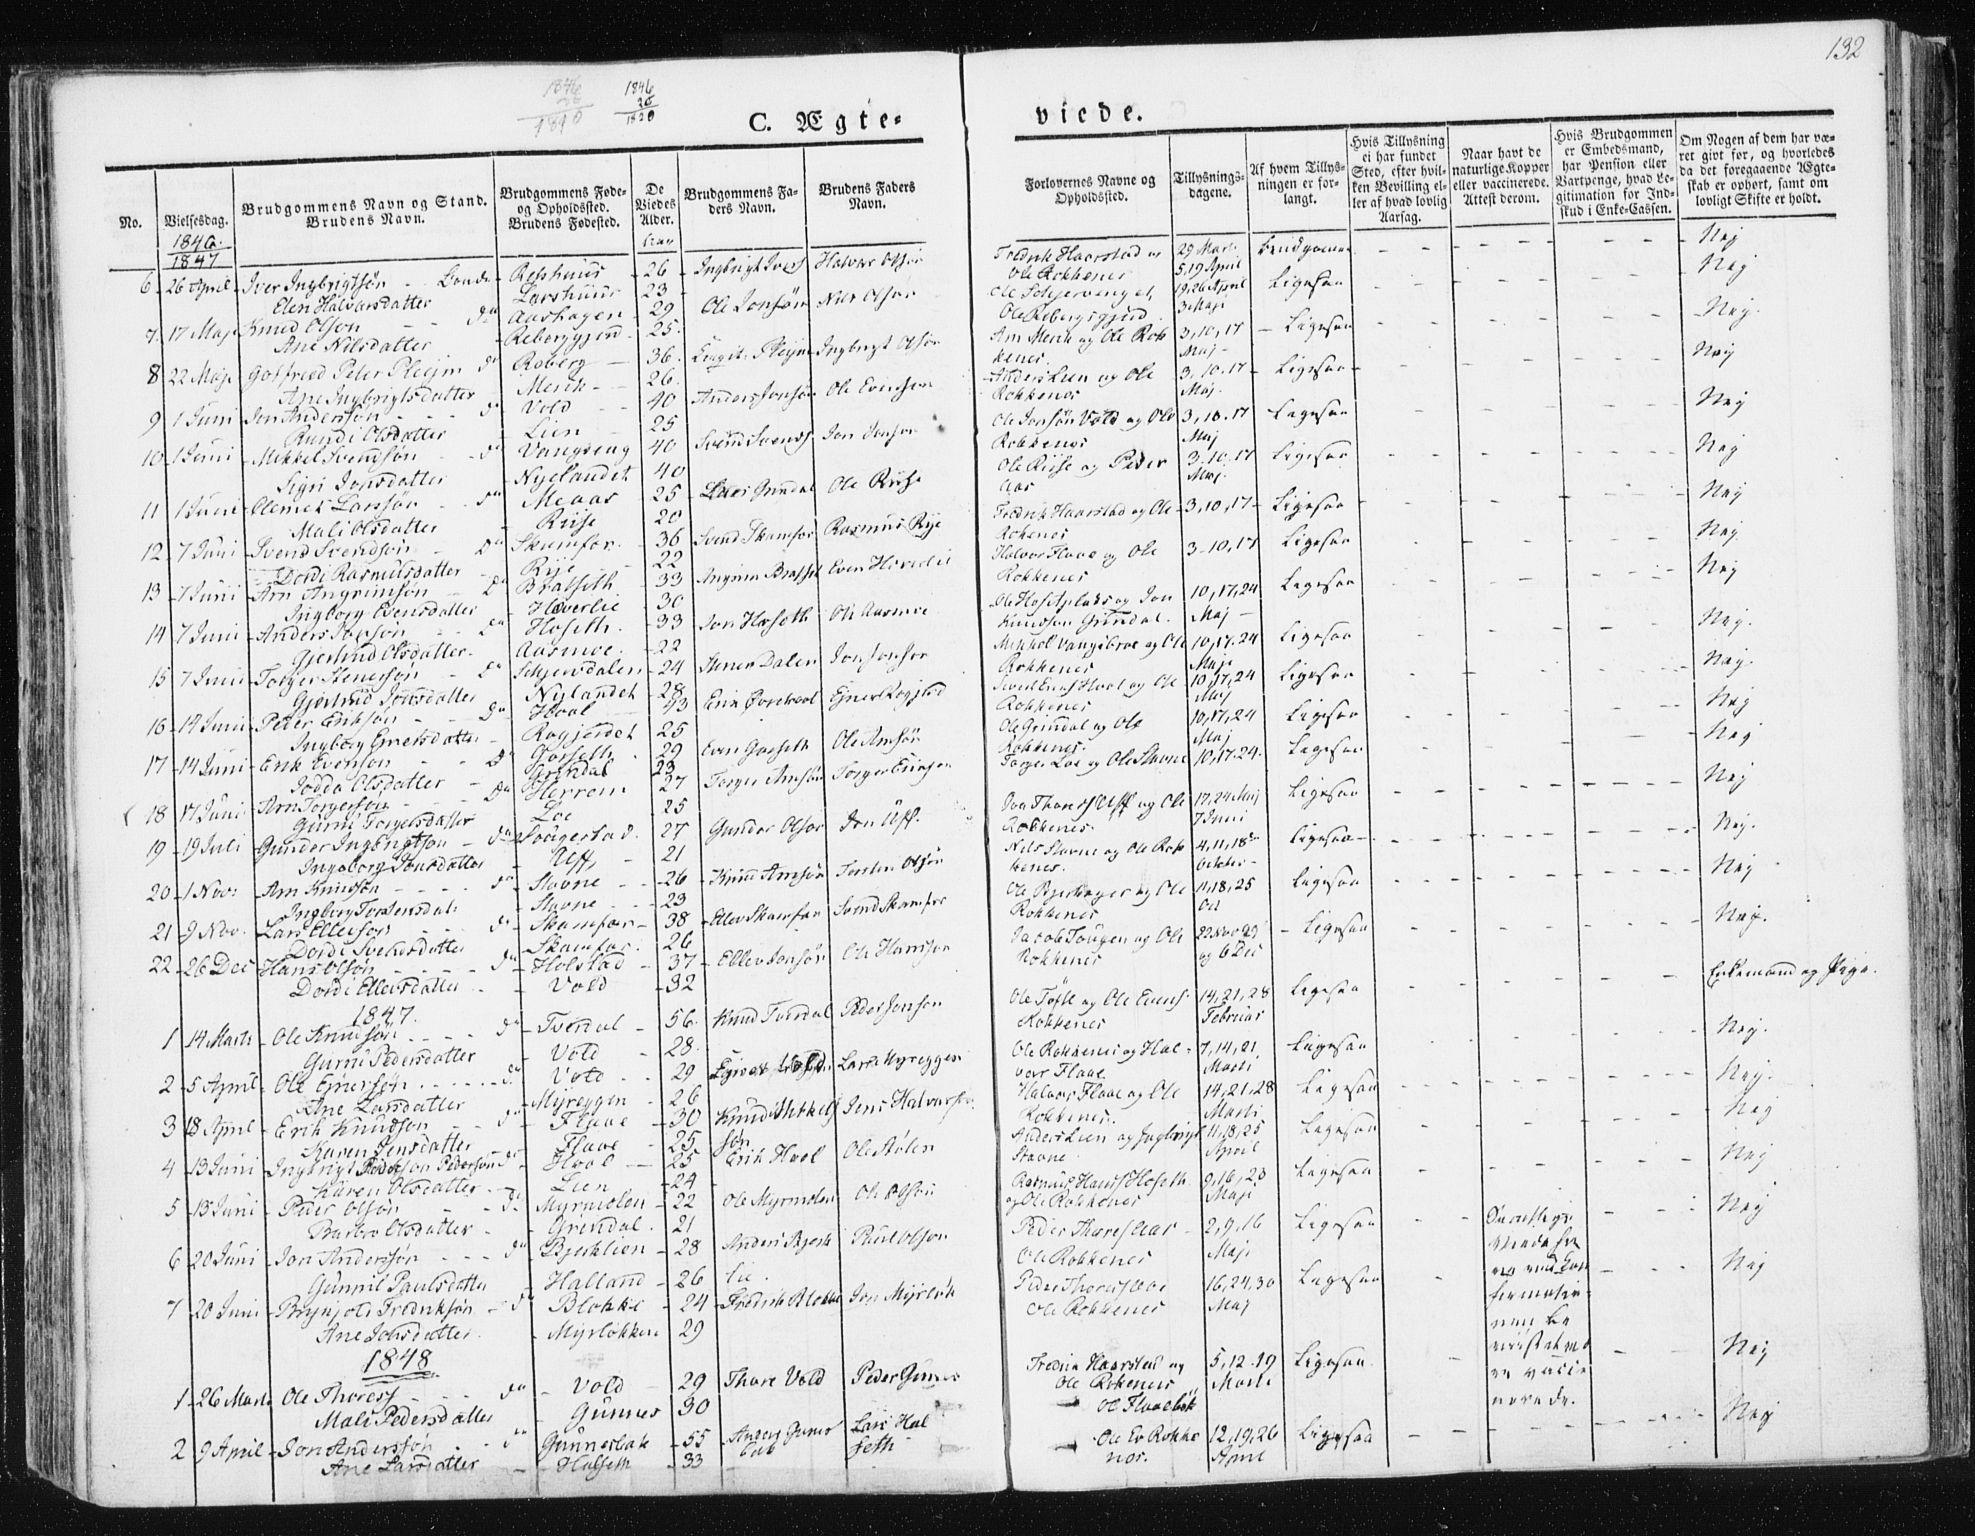 SAT, Ministerialprotokoller, klokkerbøker og fødselsregistre - Sør-Trøndelag, 674/L0869: Ministerialbok nr. 674A01, 1829-1860, s. 132